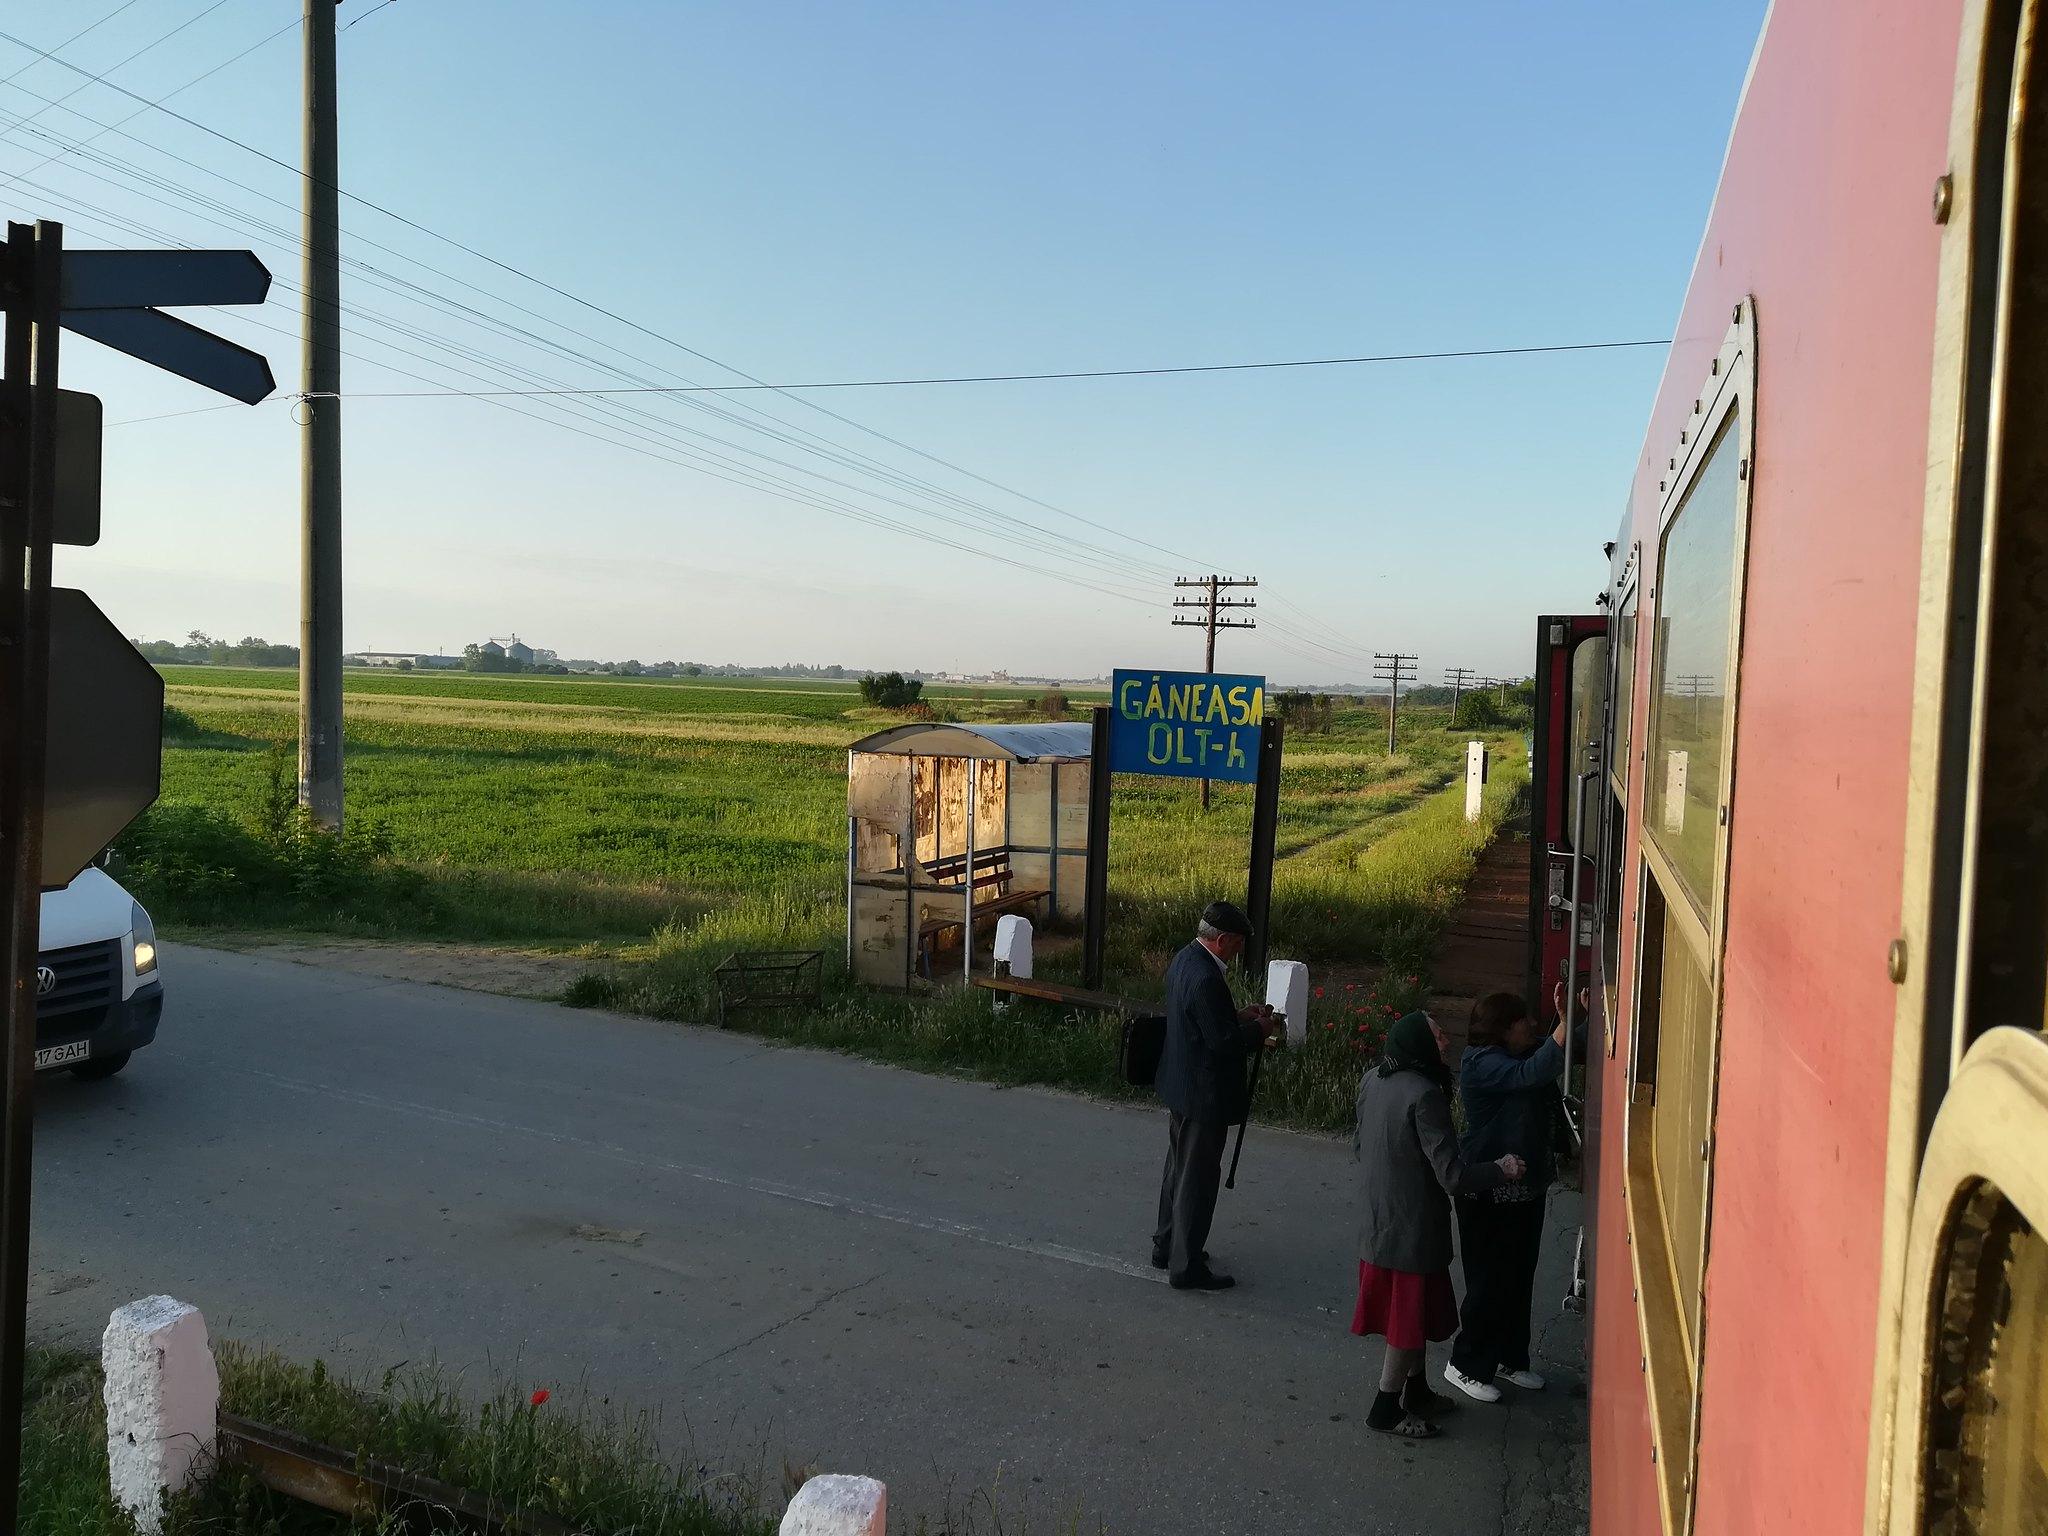 Reportaje feroviare Adirmvl - Pagina 15 29900224317_2c4896ad8f_k